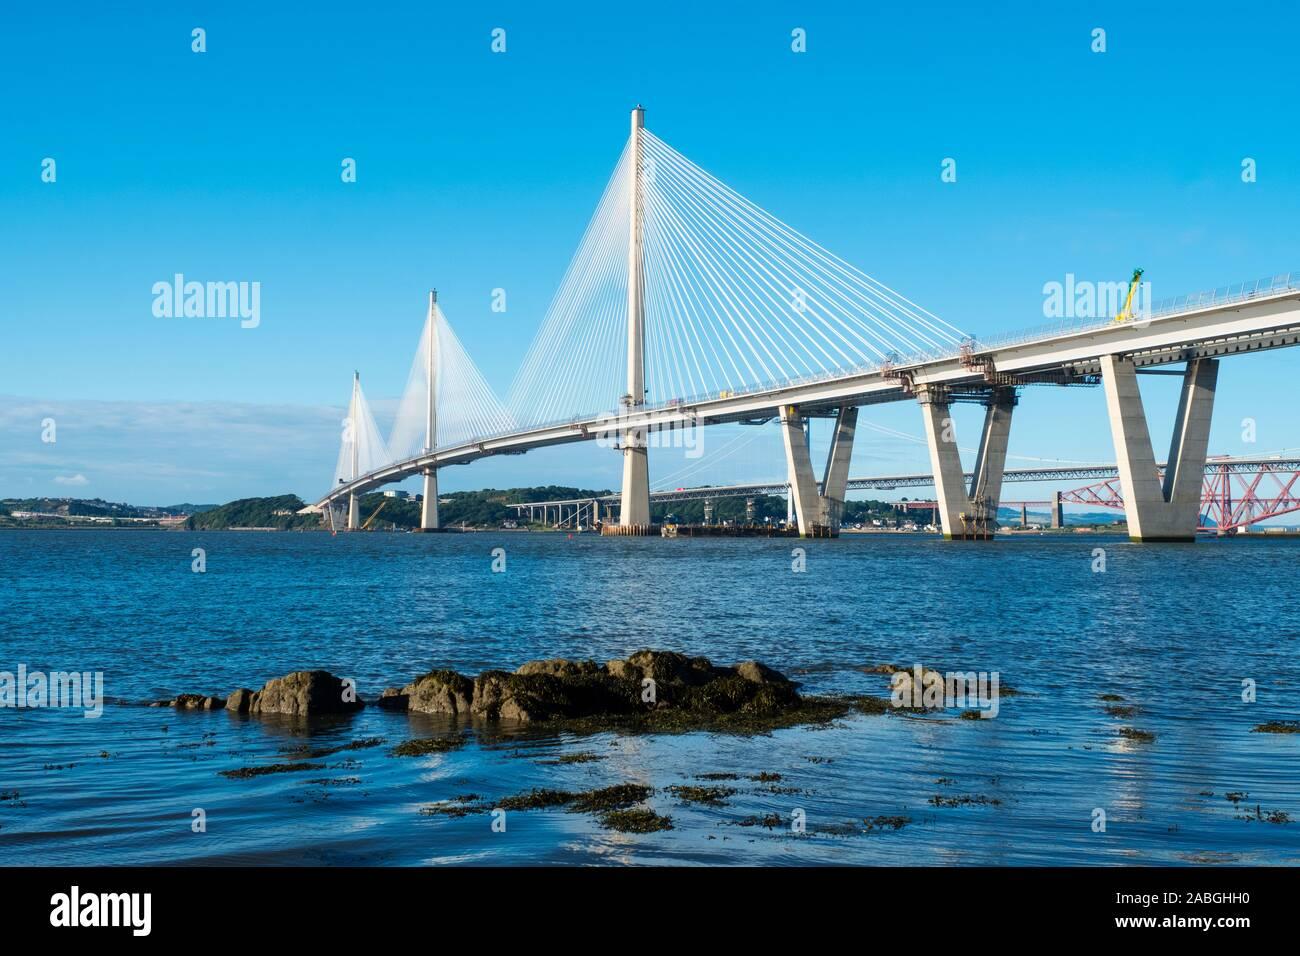 Ansicht des neuen Queensferry Crossing Brücke über Fluss Forth in Schottland, Vereinigtes Königreich Stockfoto